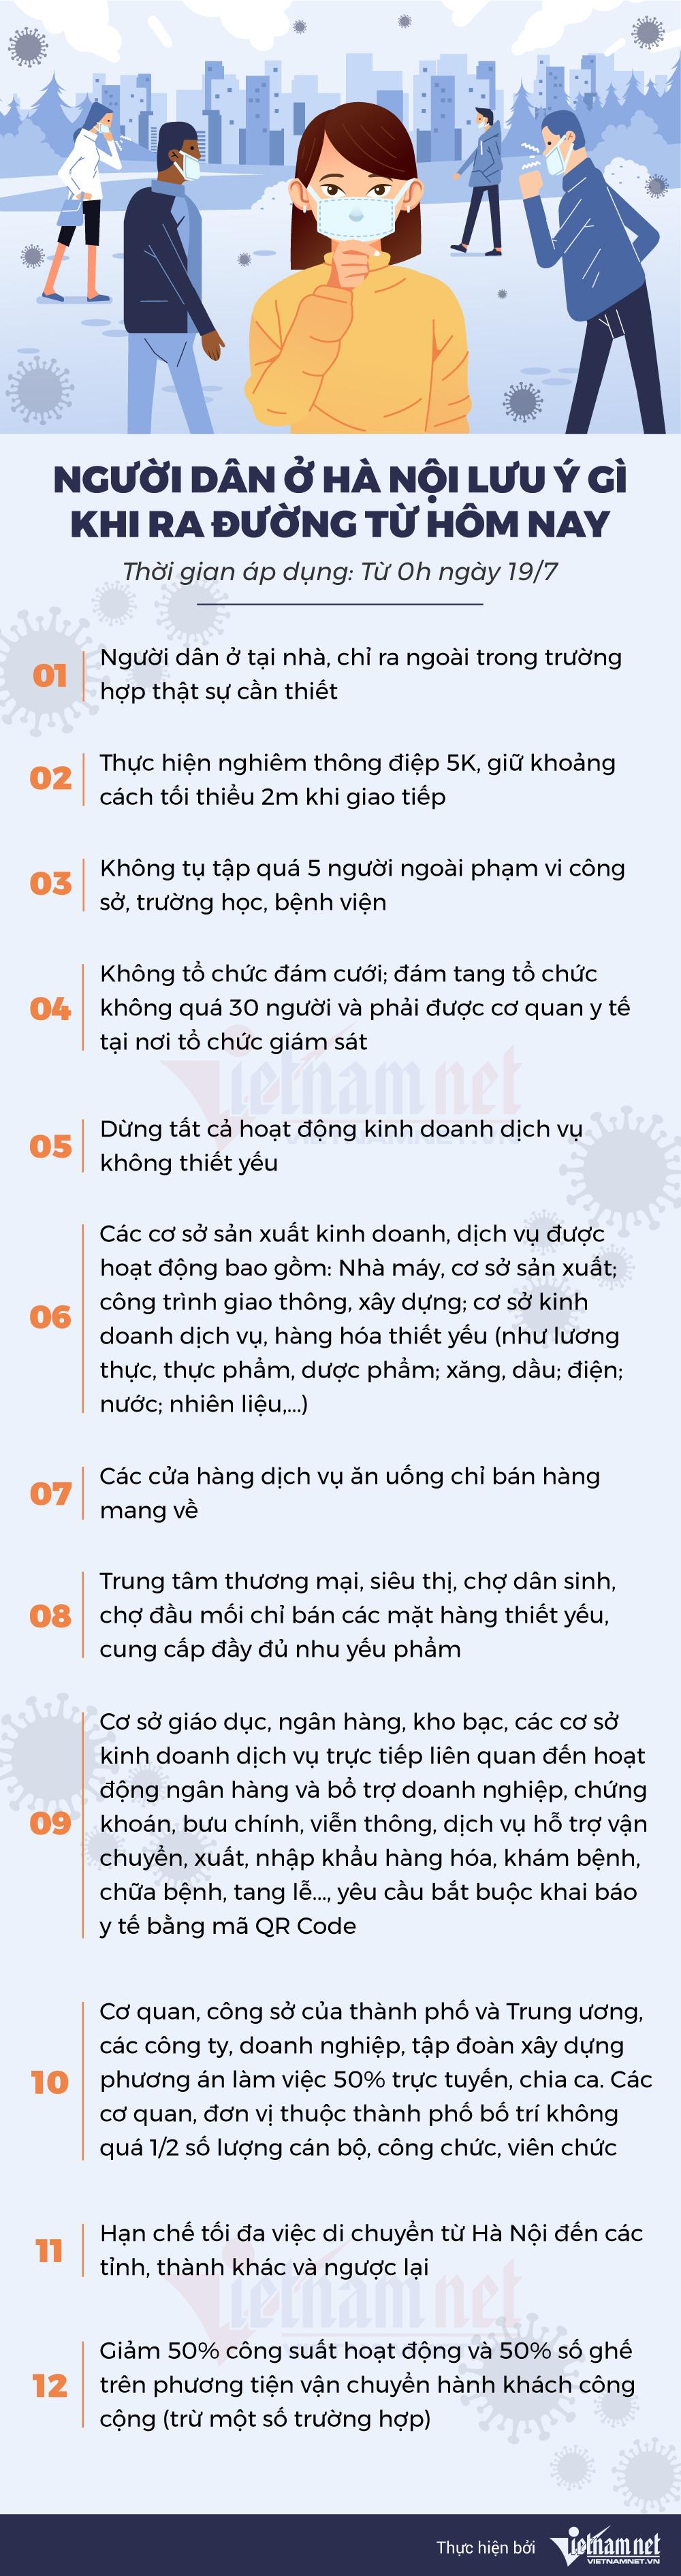 Người dân ở Hà Nội lưu ý gì khi ra đường từ hôm nay